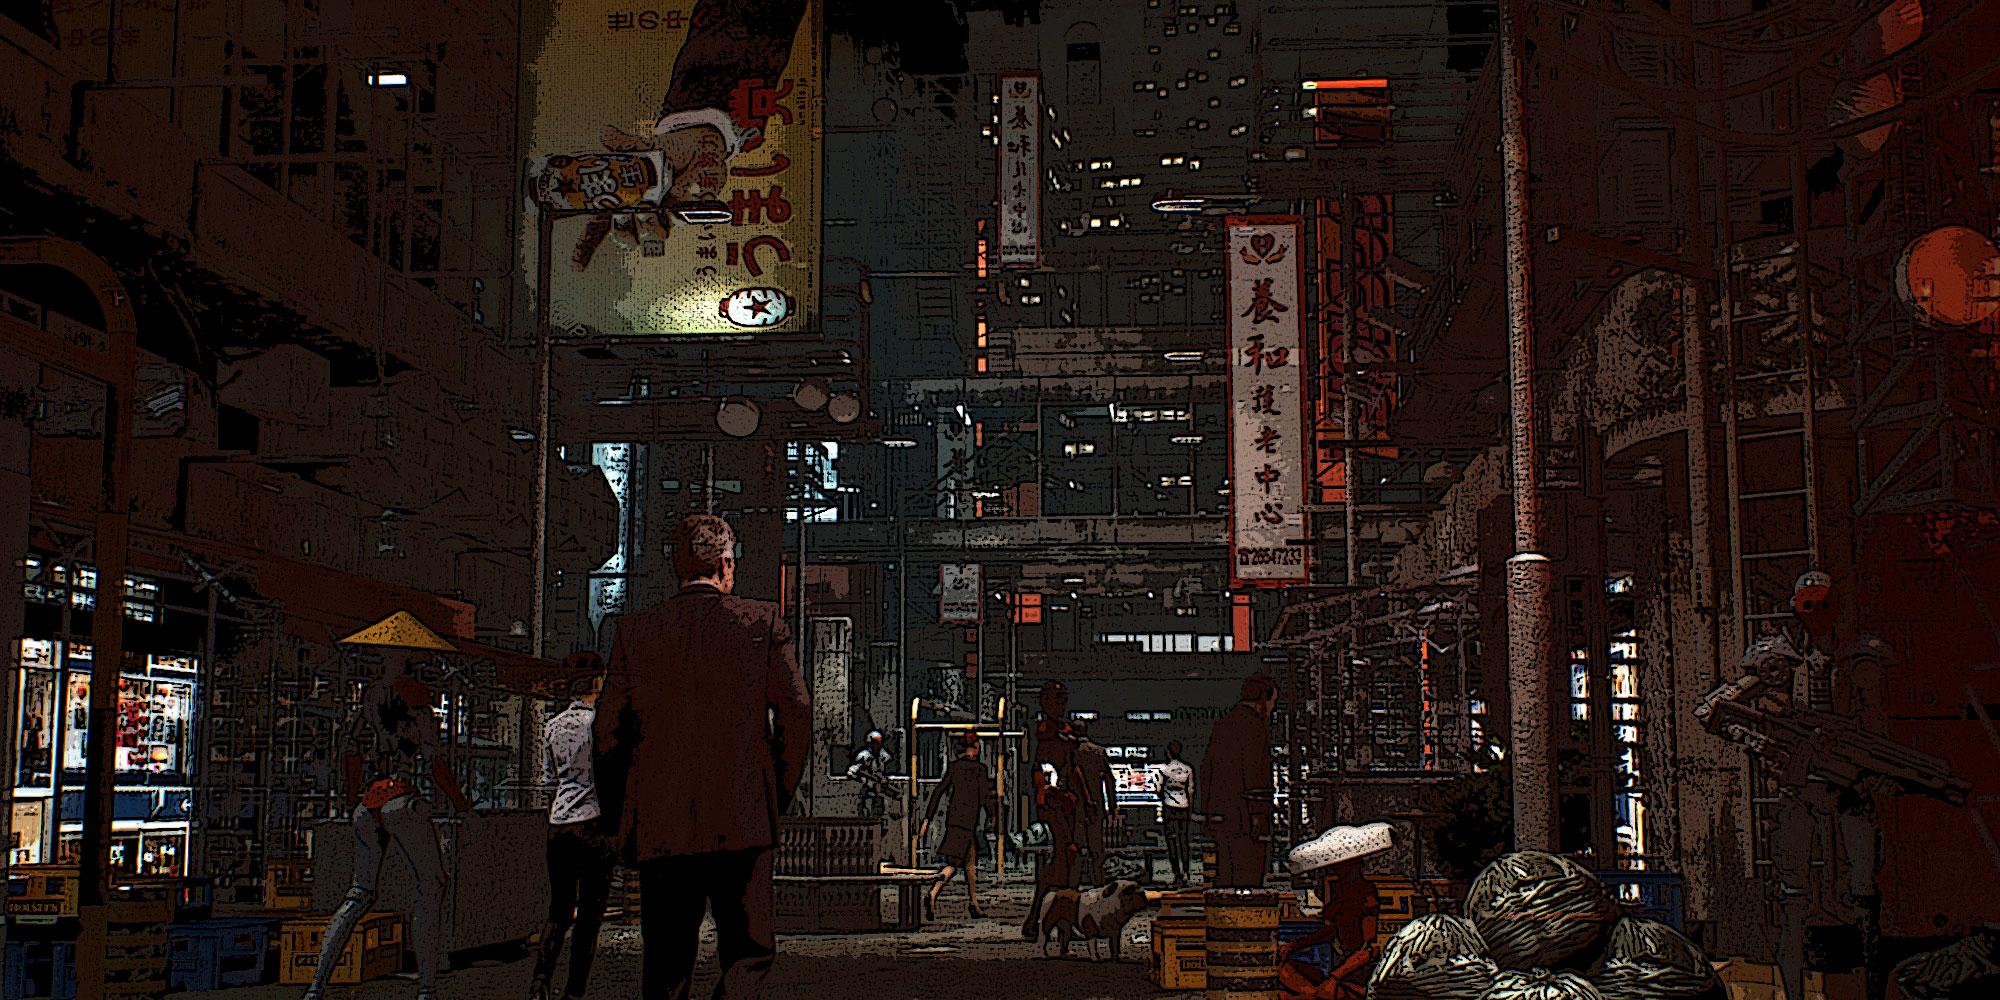 Street_01_web